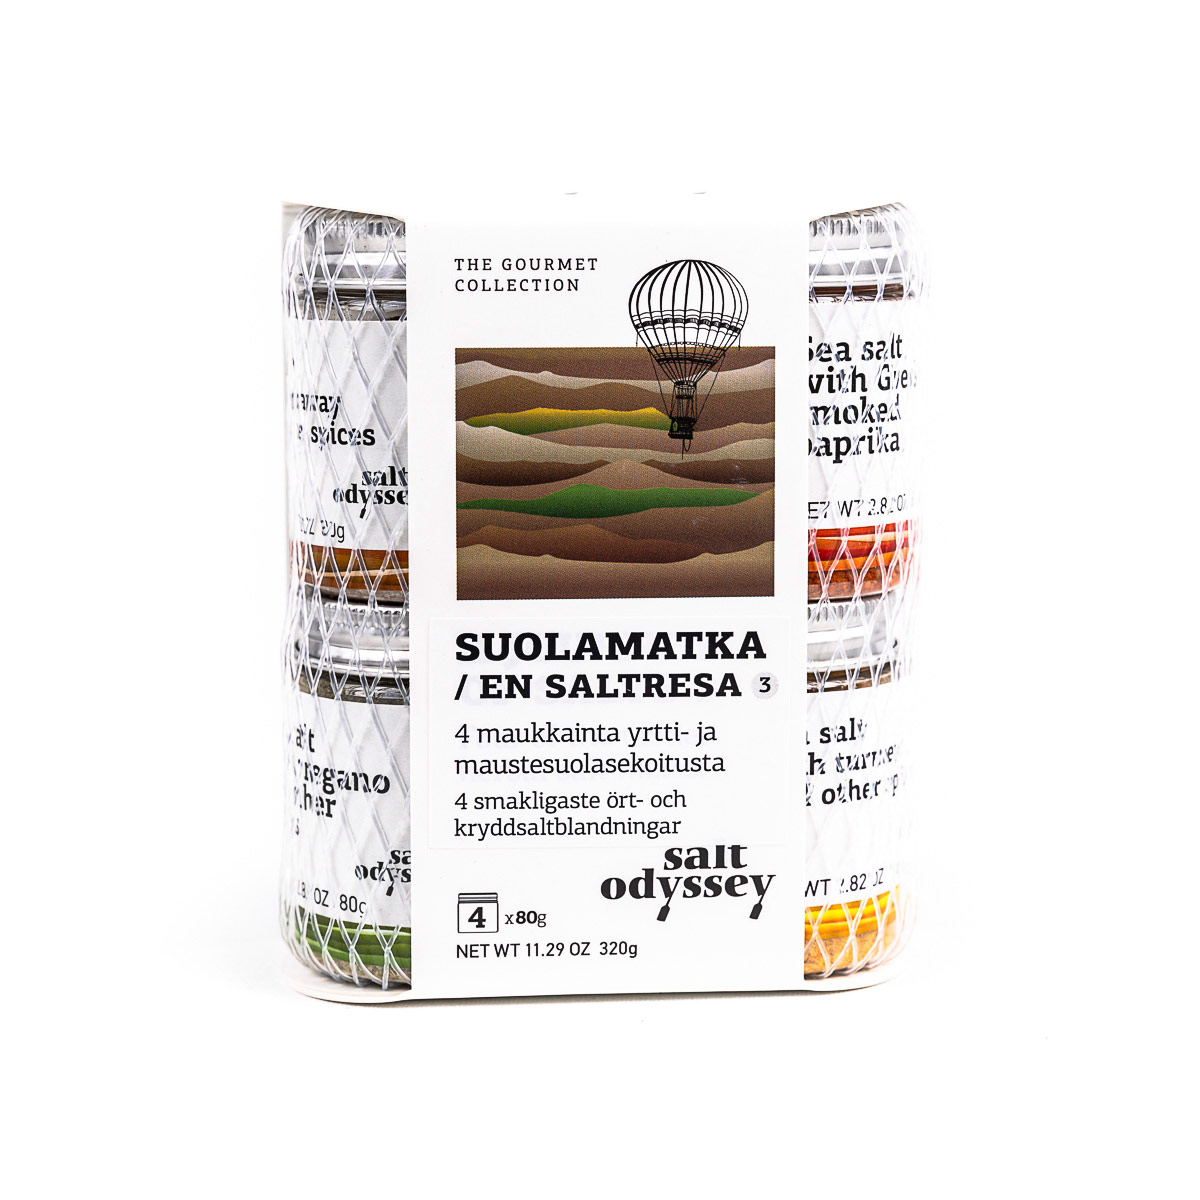 Kreikkalainen merisuolapakkaus 4 parasta mauste- ja yrttisuolaa 4x 80g